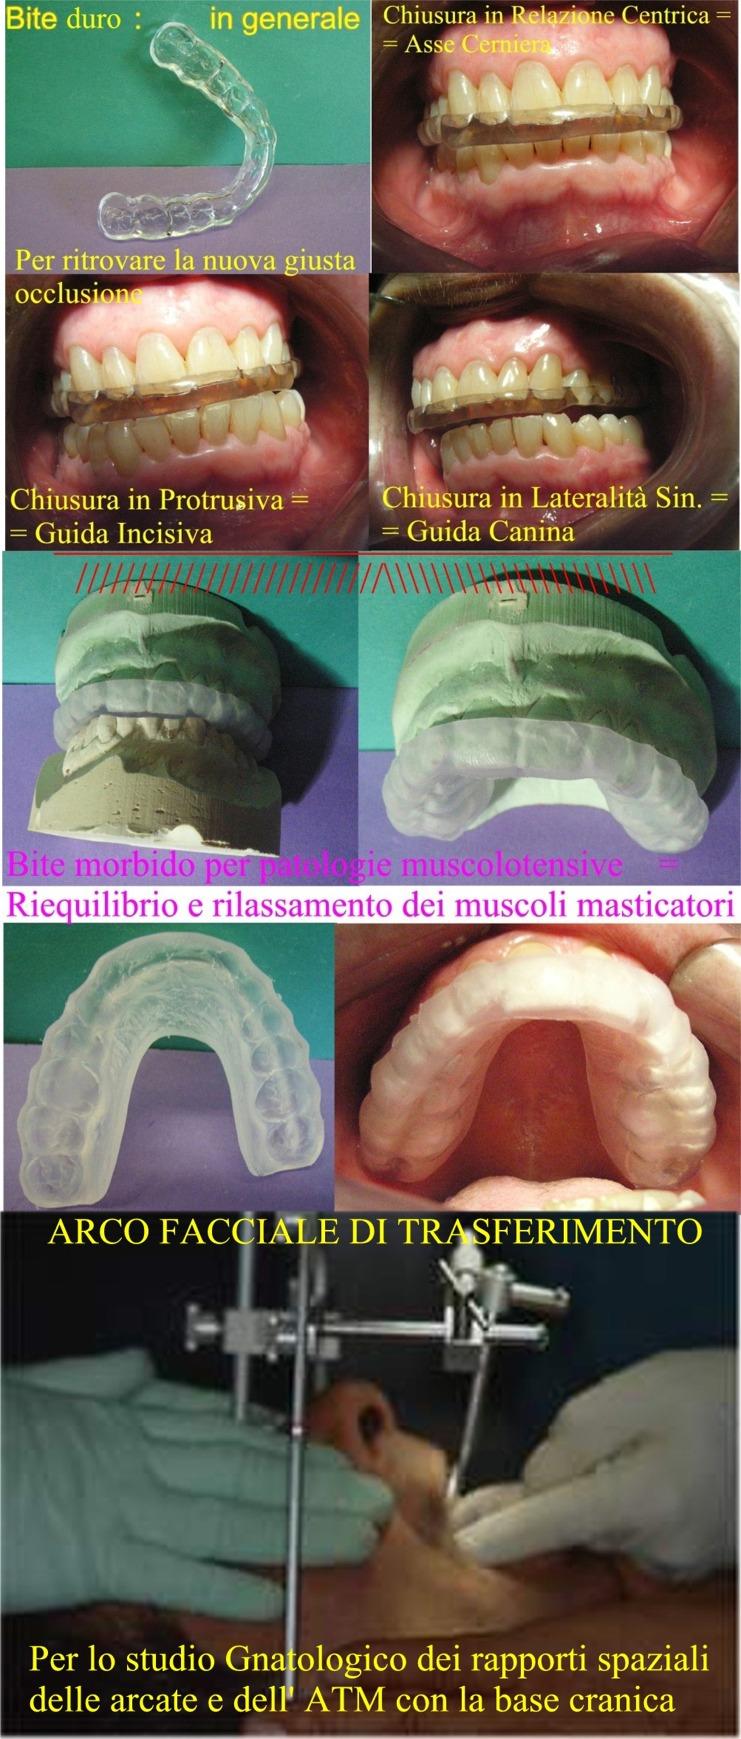 Diversi tipi di Bite e Arco facciale di trasferimento nello studio Gnatologico della ATM. Da casistica del Dr. Gustavo Petti Parodontologo Gnatologo di Cagliari